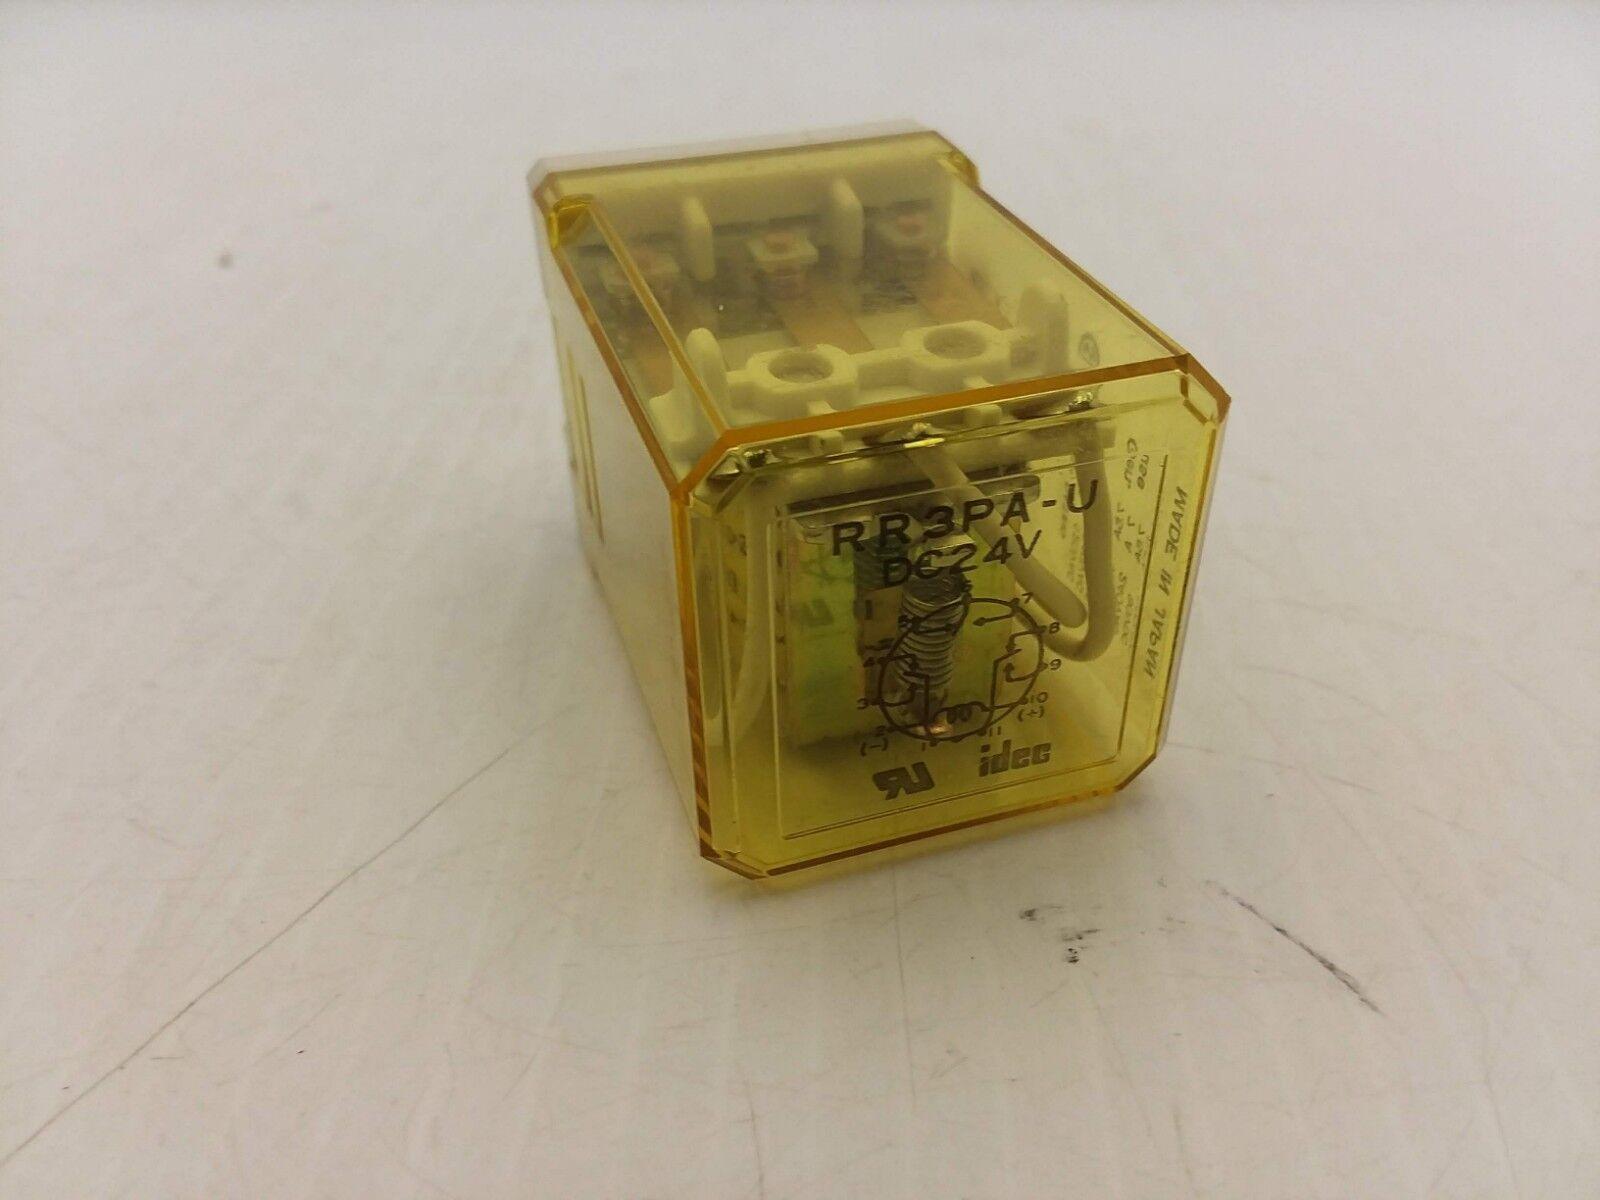 IDEC Rr3pa-u Dc24v Plug in Relay   eBay on